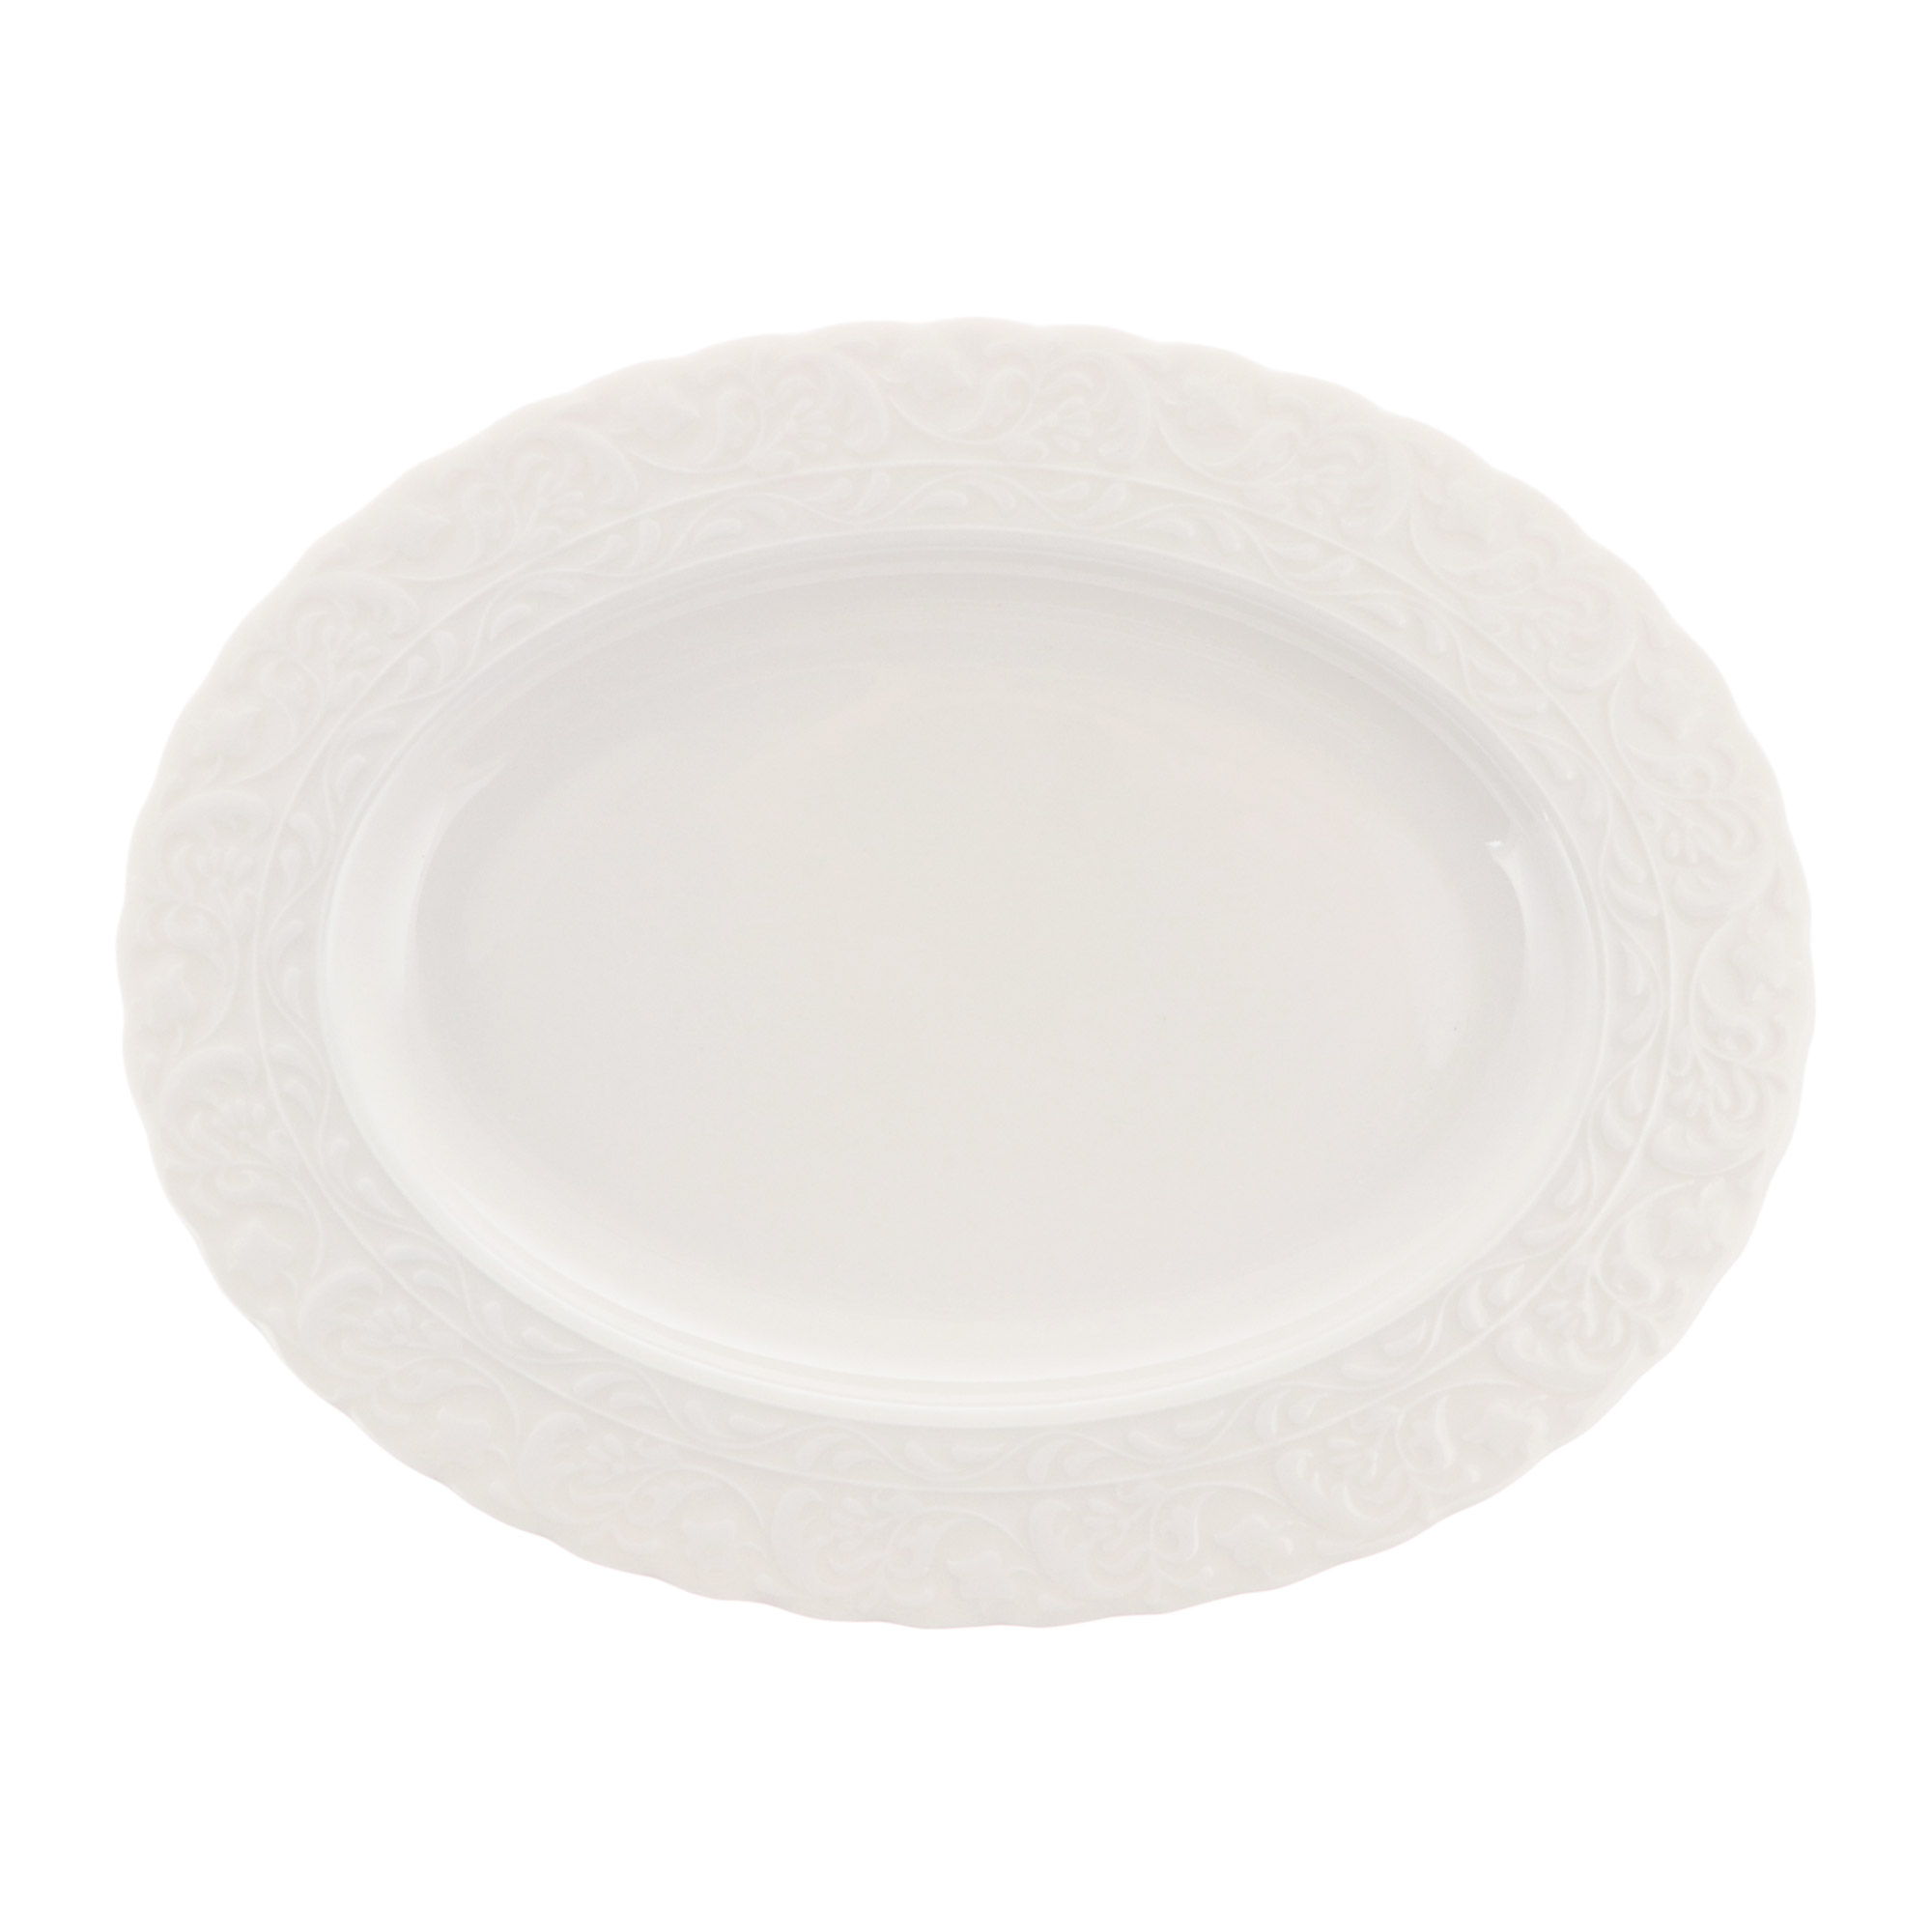 Фото - Блюдо овальное 28 см Kutahya Porselen basak недекорированное блюдо овальное газания 28 см prt bg06600 x 20 portmeirion